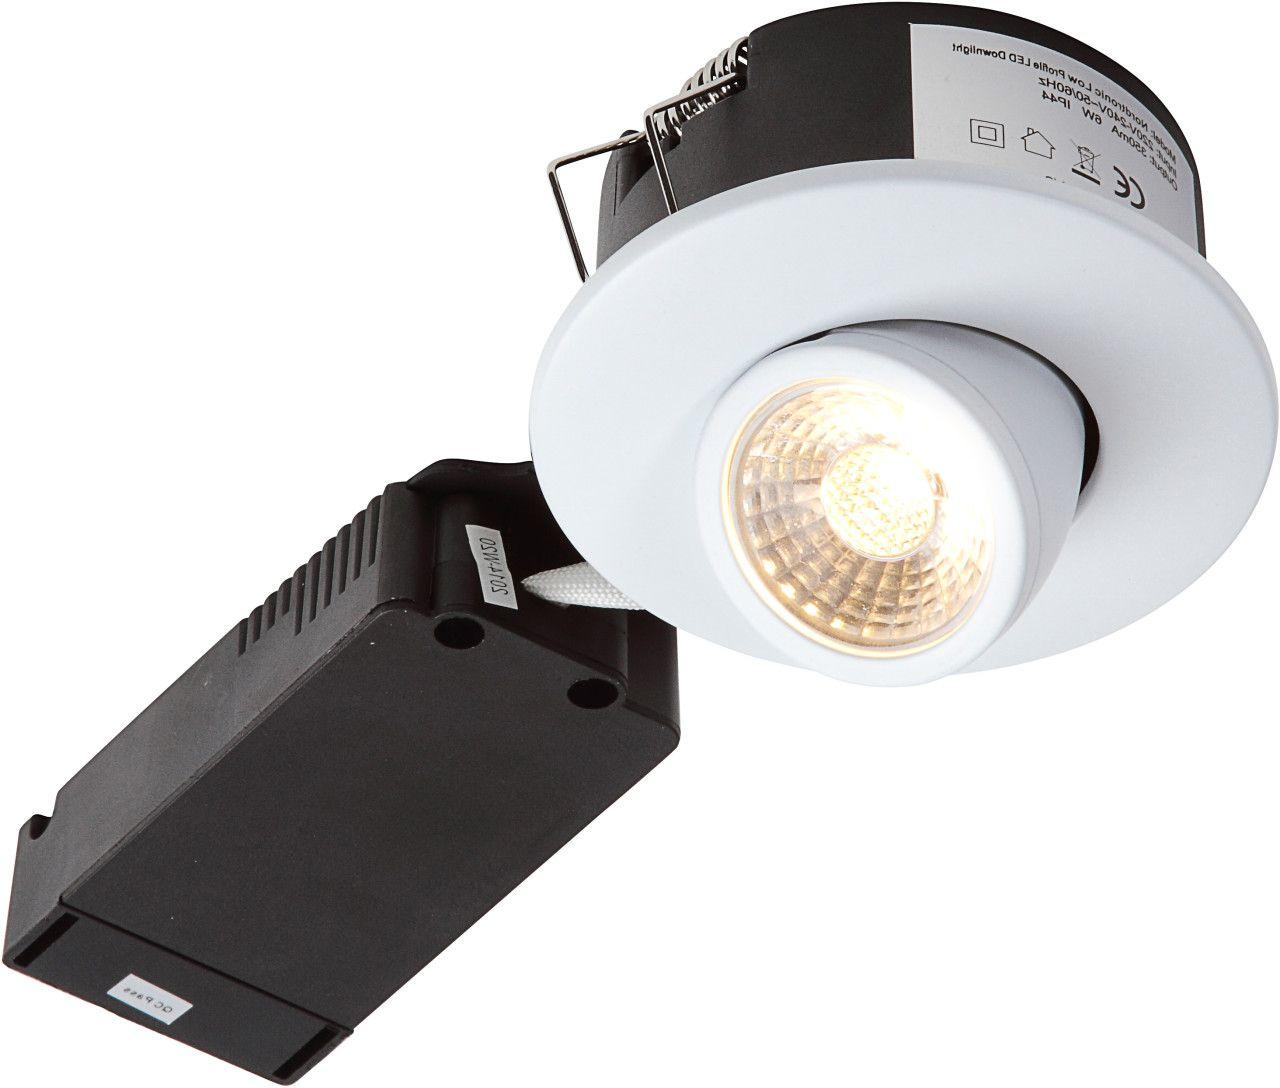 Nordtronic Low Profile LED Spot